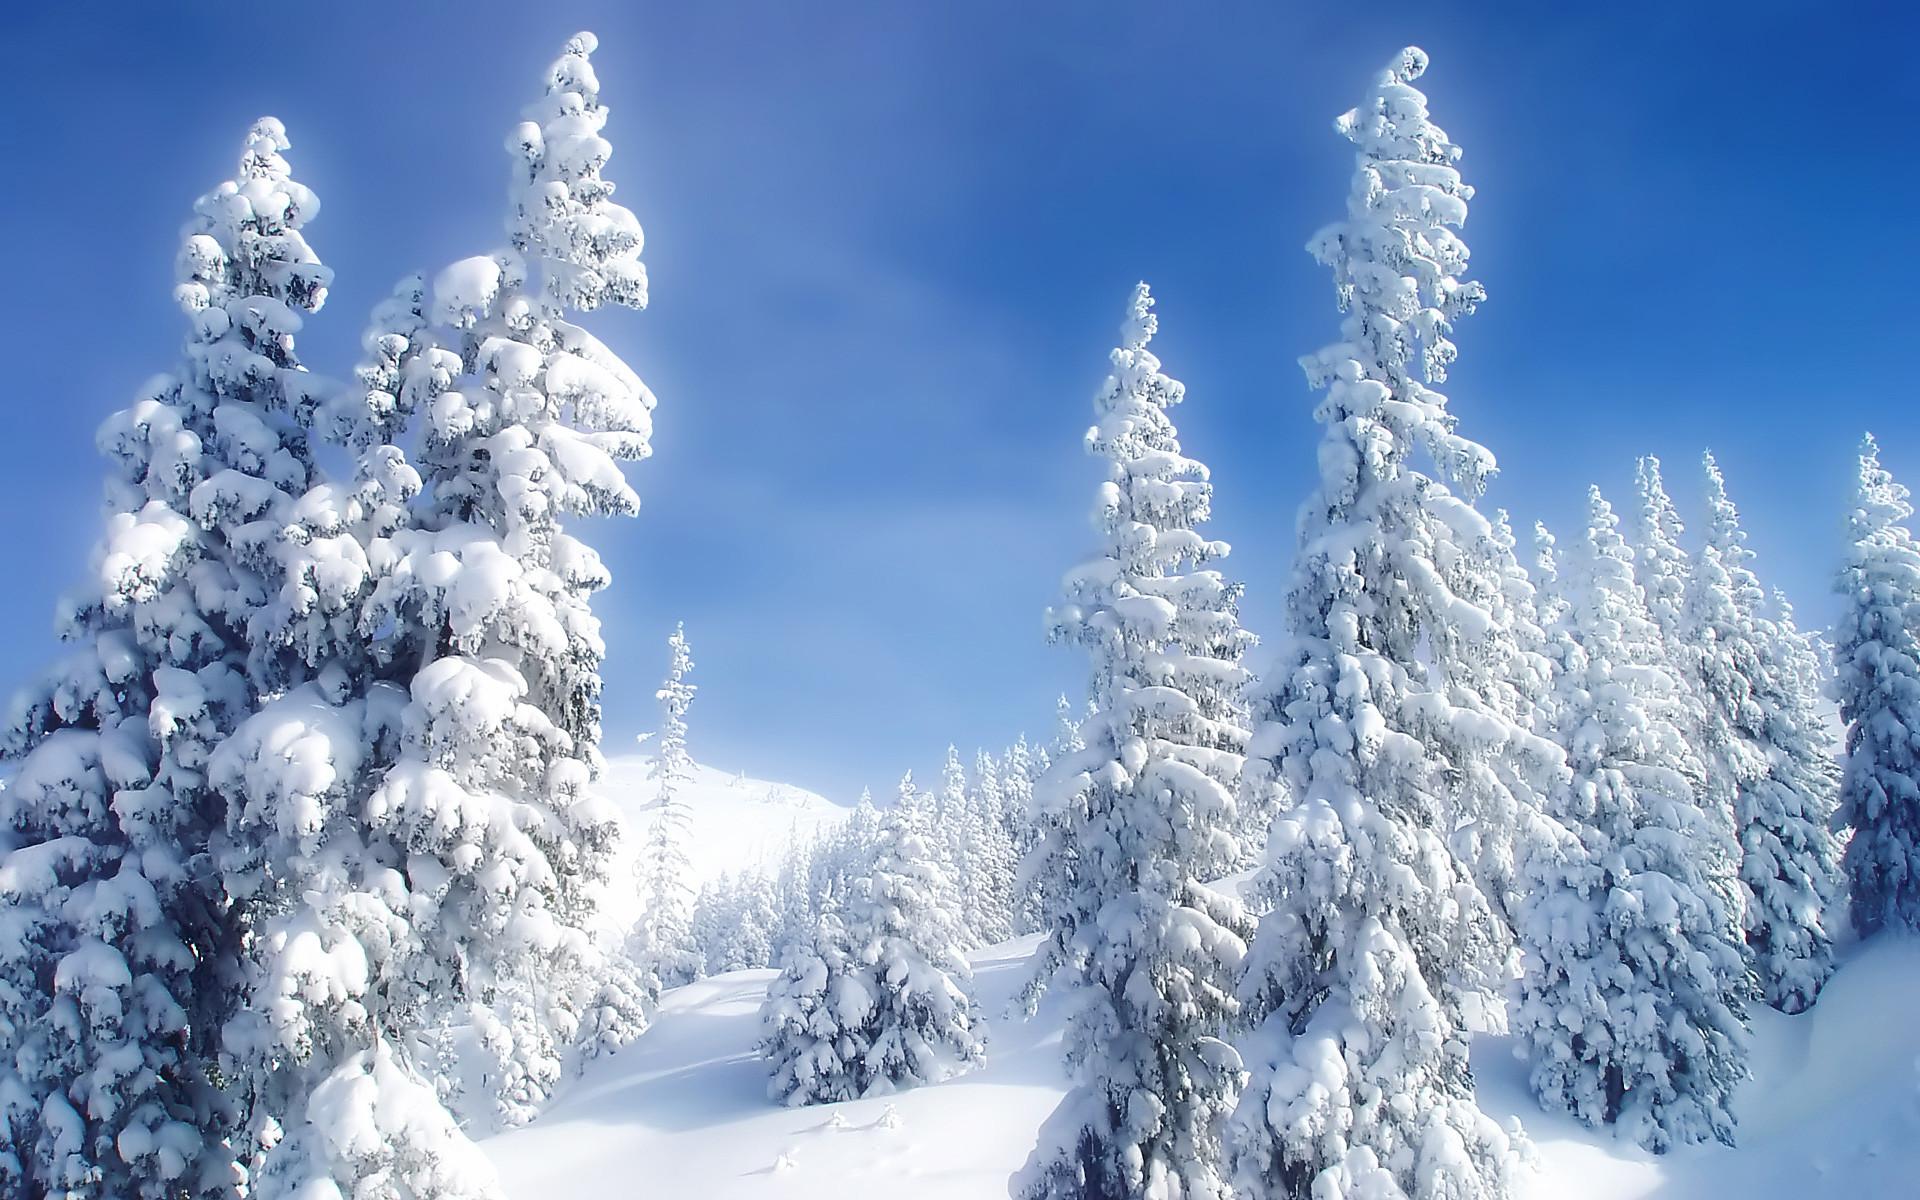 Winter Scenes Wallpaper (55+ images)